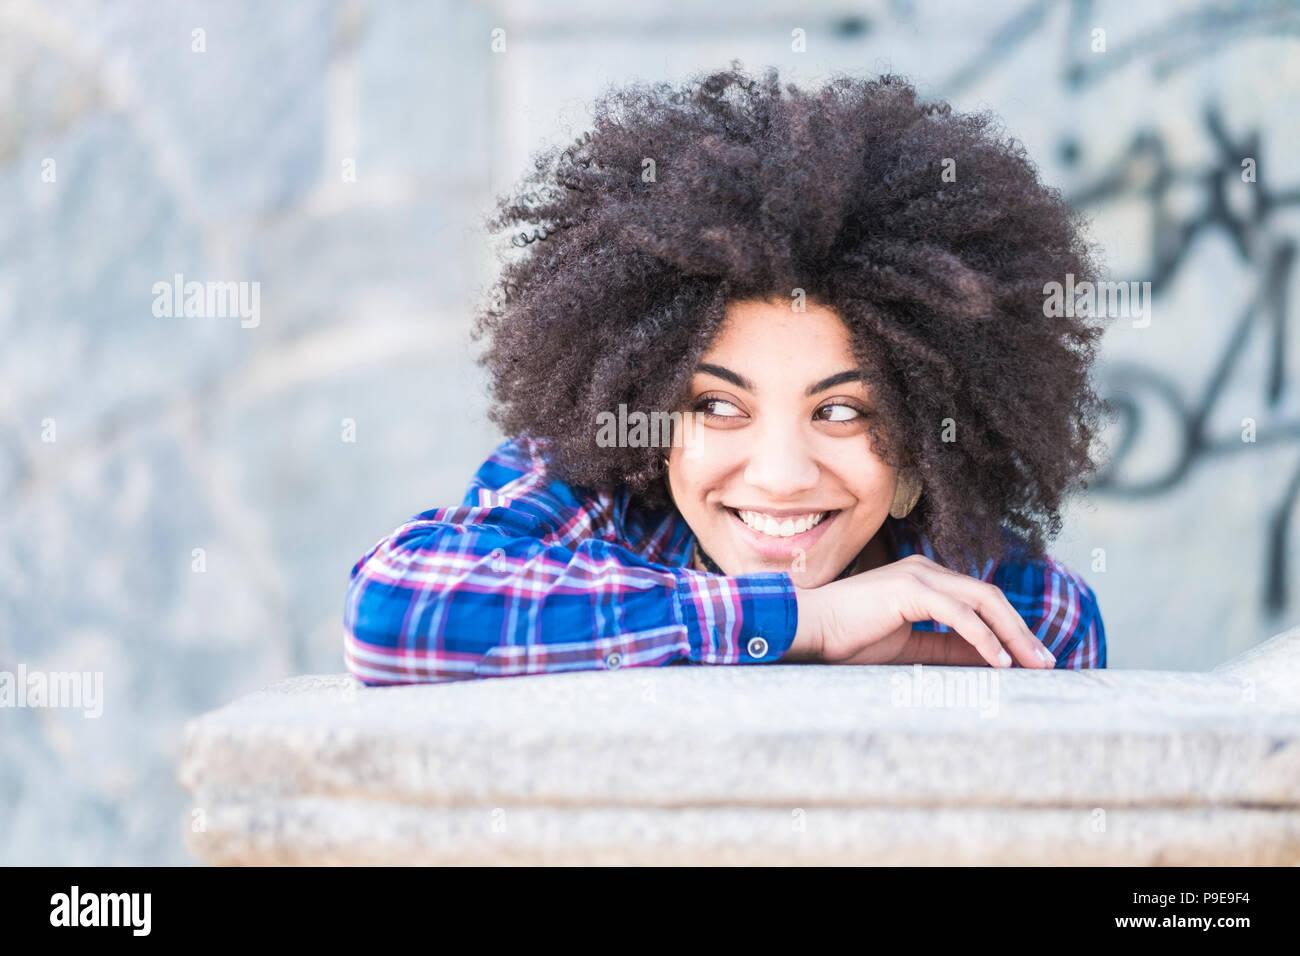 Portrait de race africaine de la peau noire de belle jeune fille souriant et à la recherche à ses côtés. Profitant de l'heure et l'activité de loisirs. Ambiance décontractée et fa Photo Stock